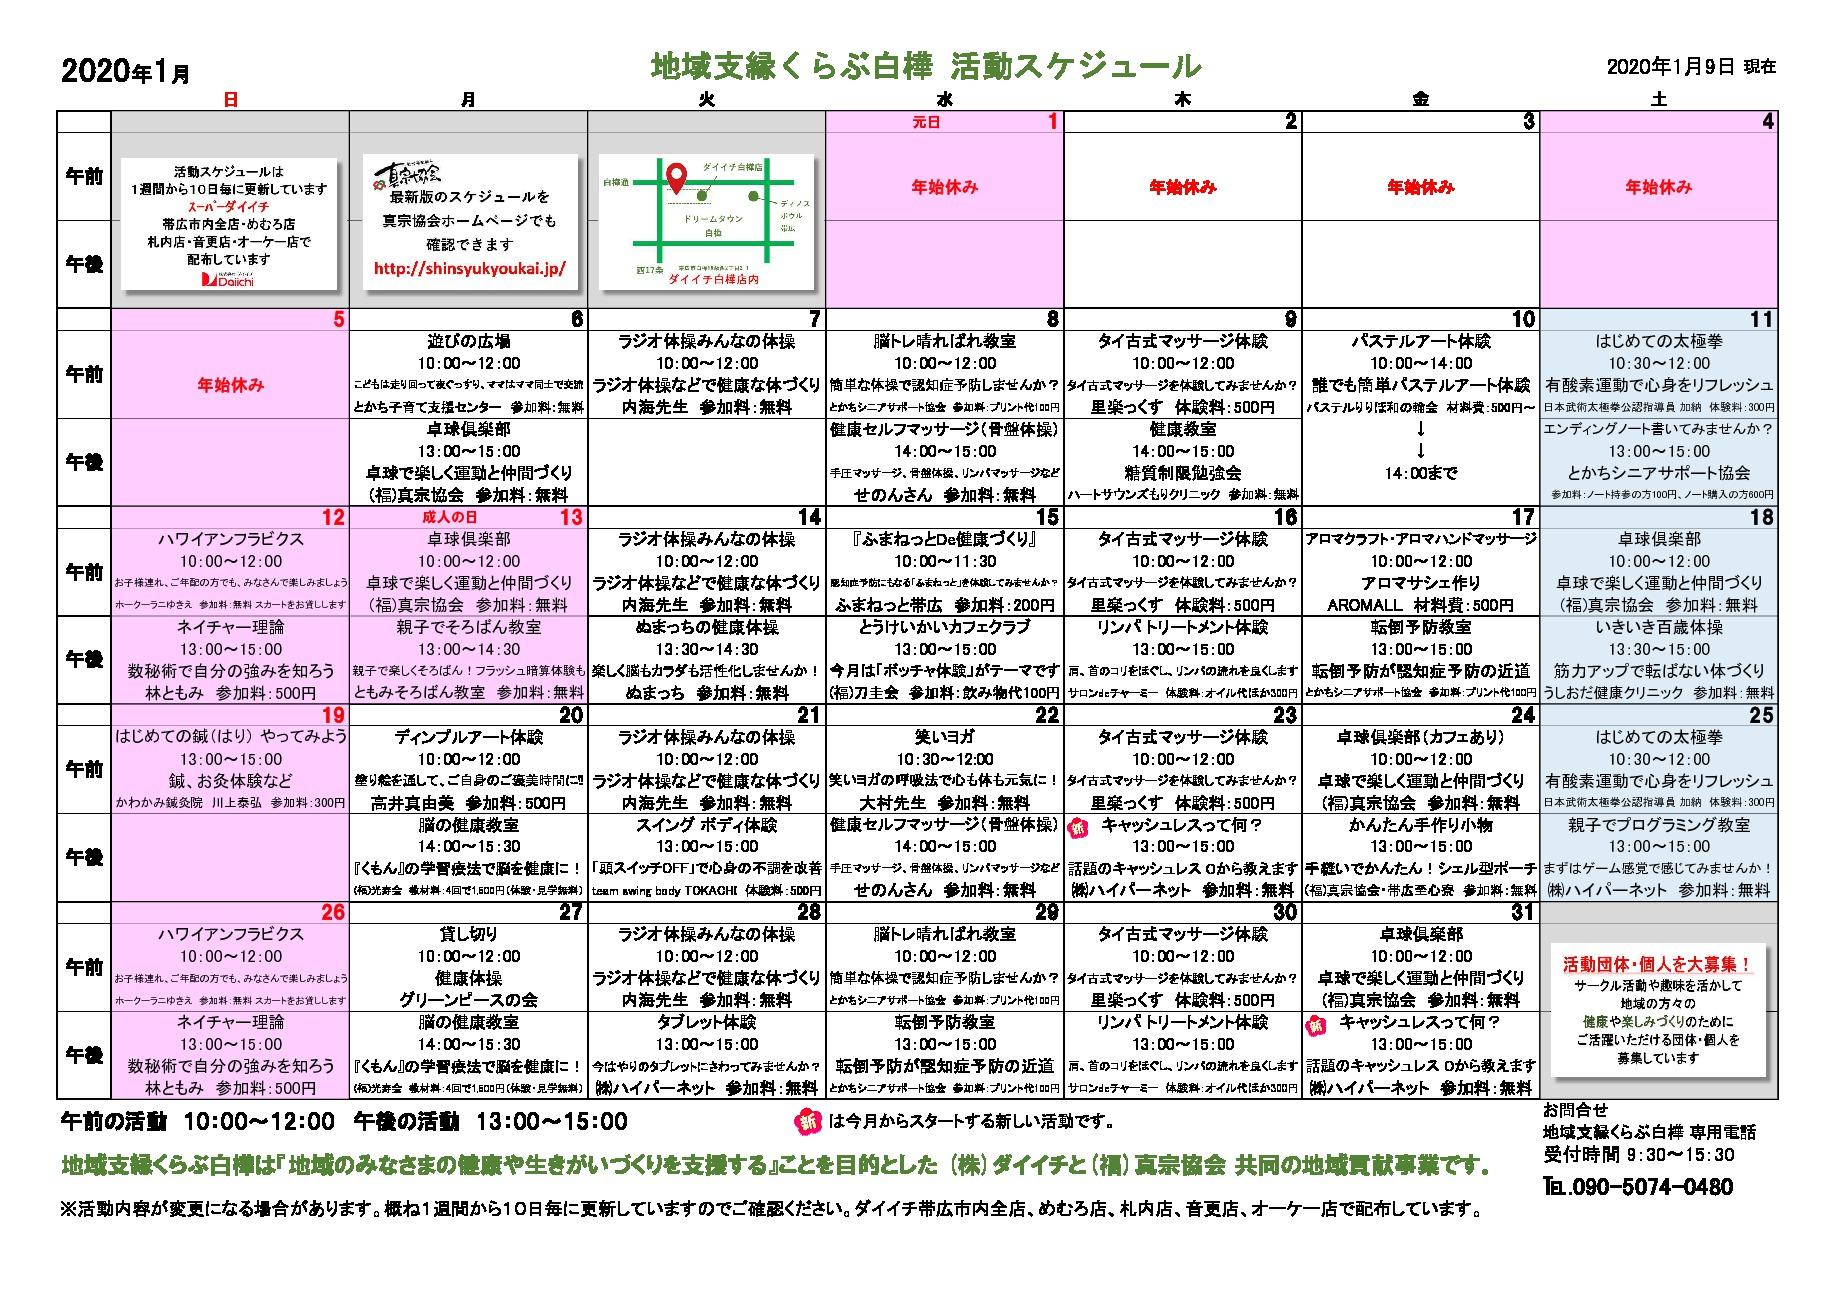 2019活動スケジュール1(2020.1.9付)のサムネイル